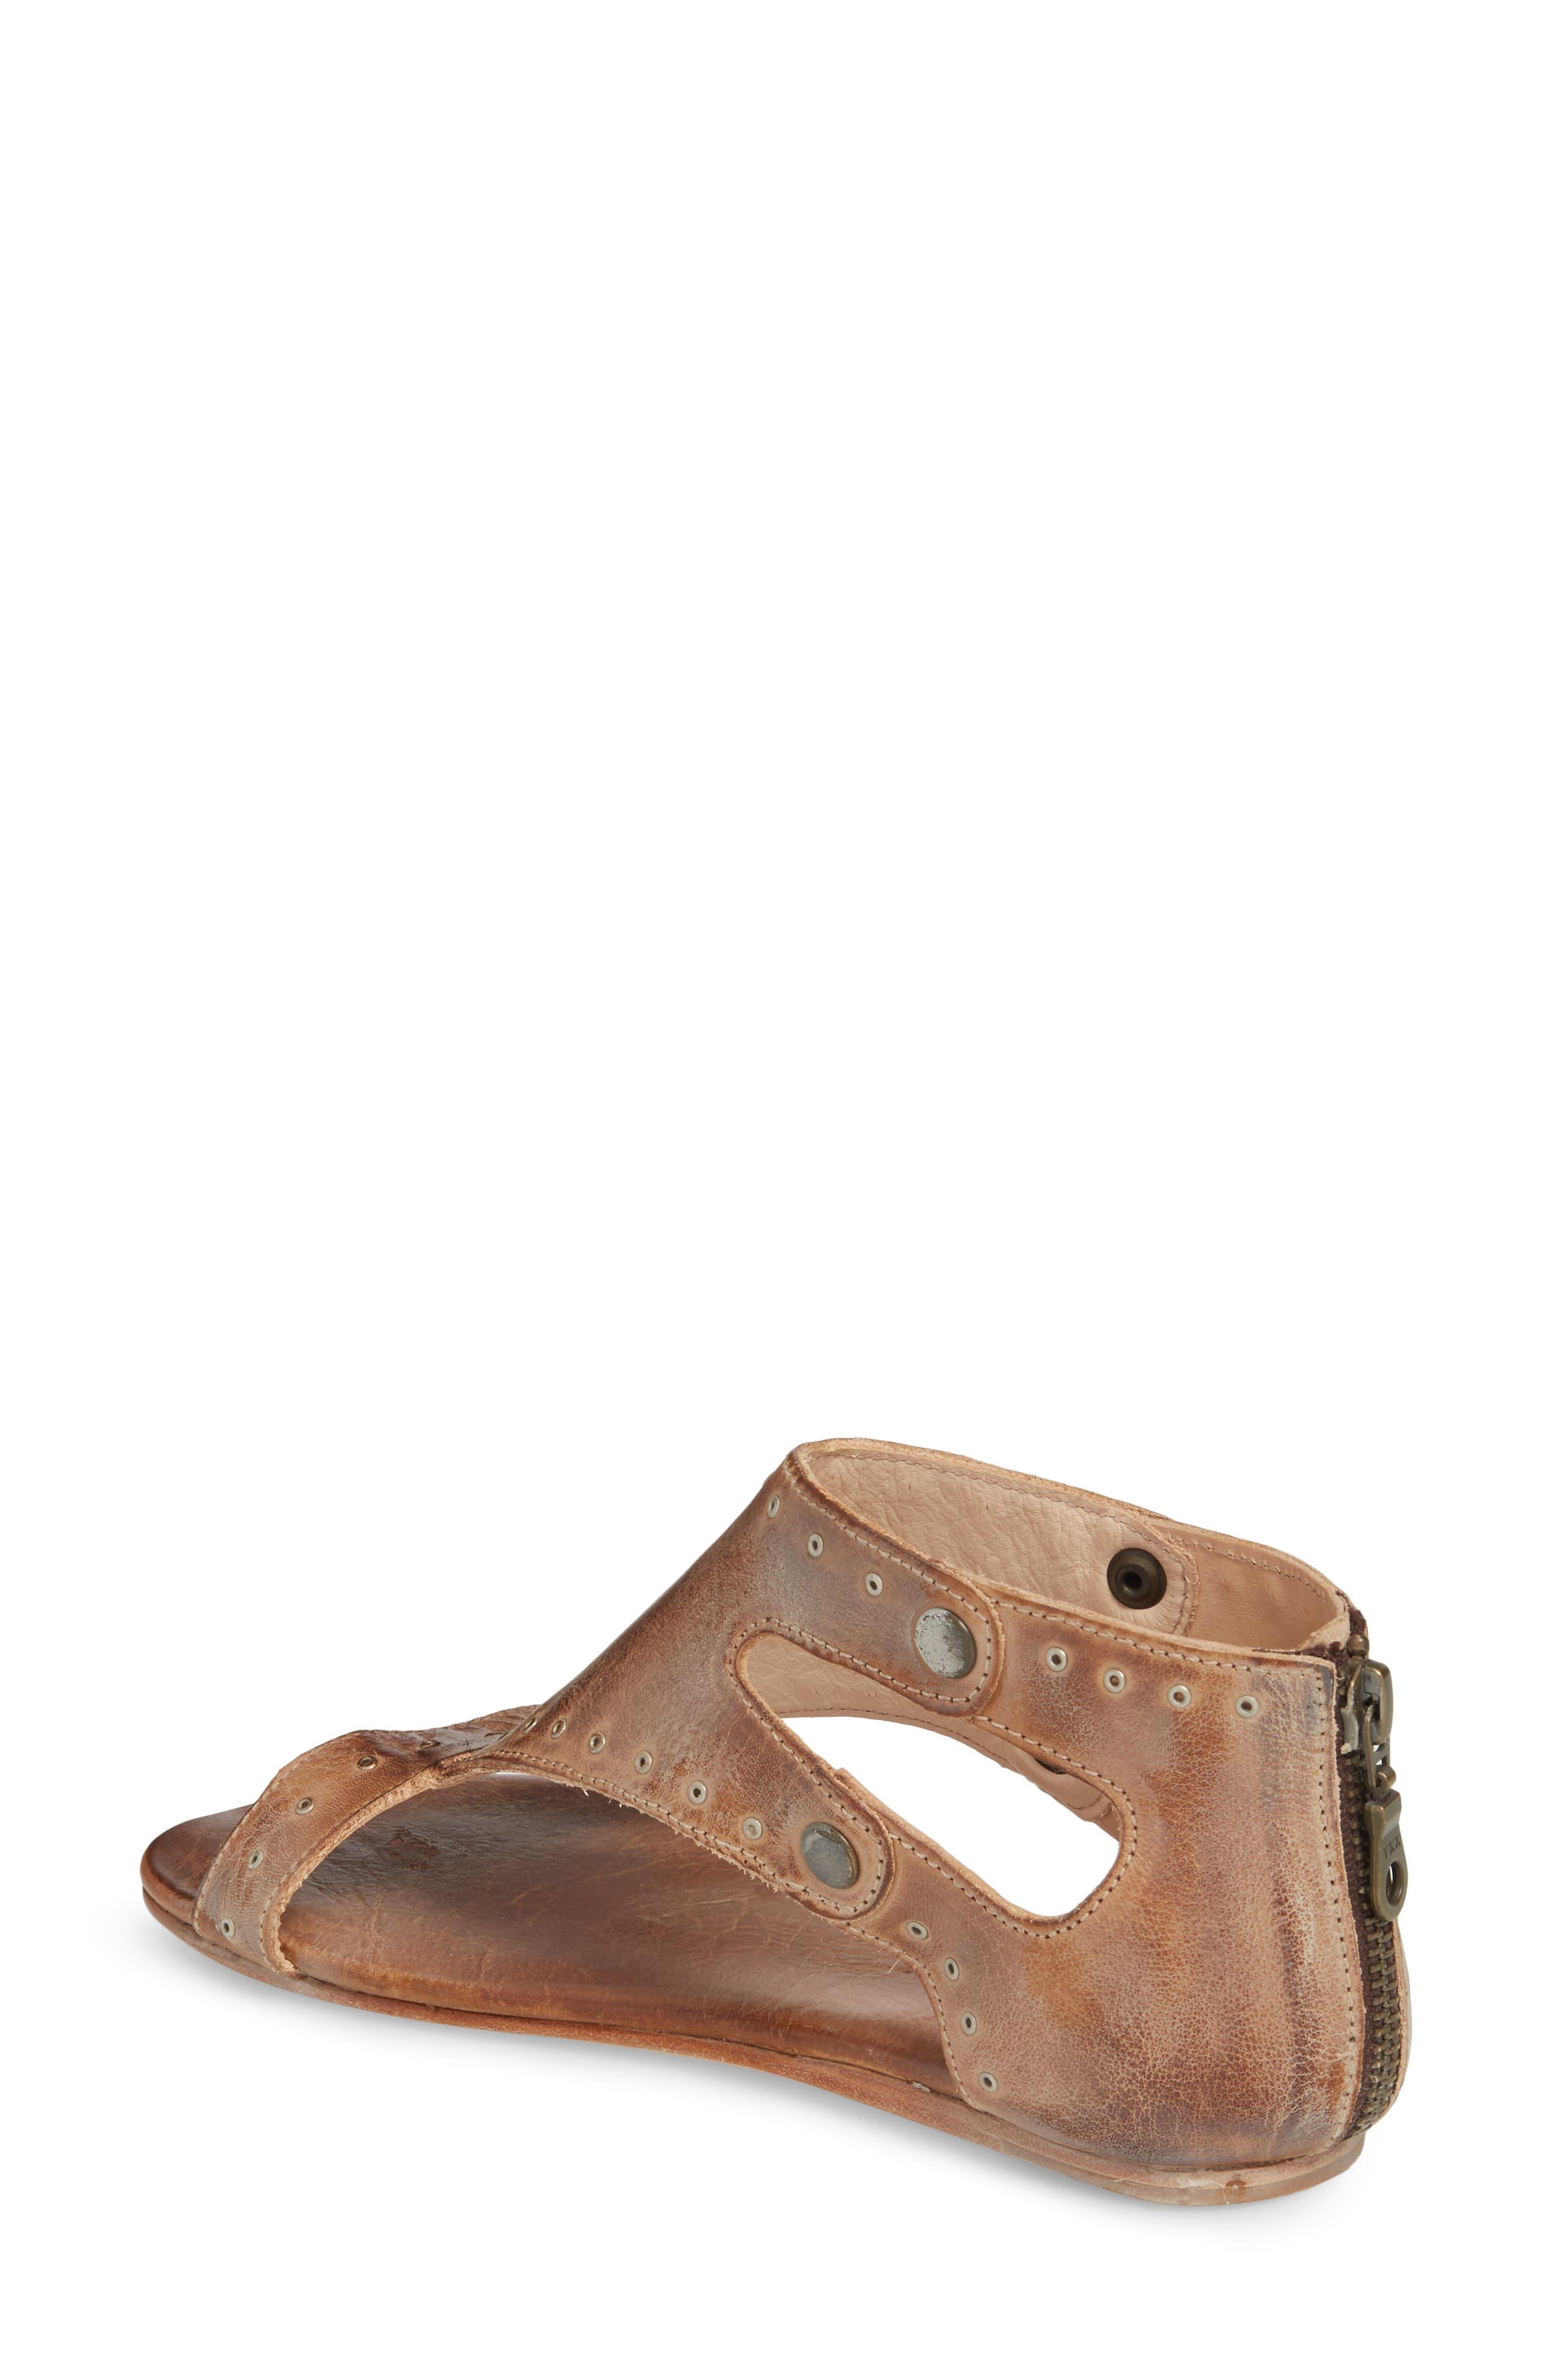 Soto G V-Strap Sandal,                             Alternate thumbnail 2, color,                             Tan Mason Leather